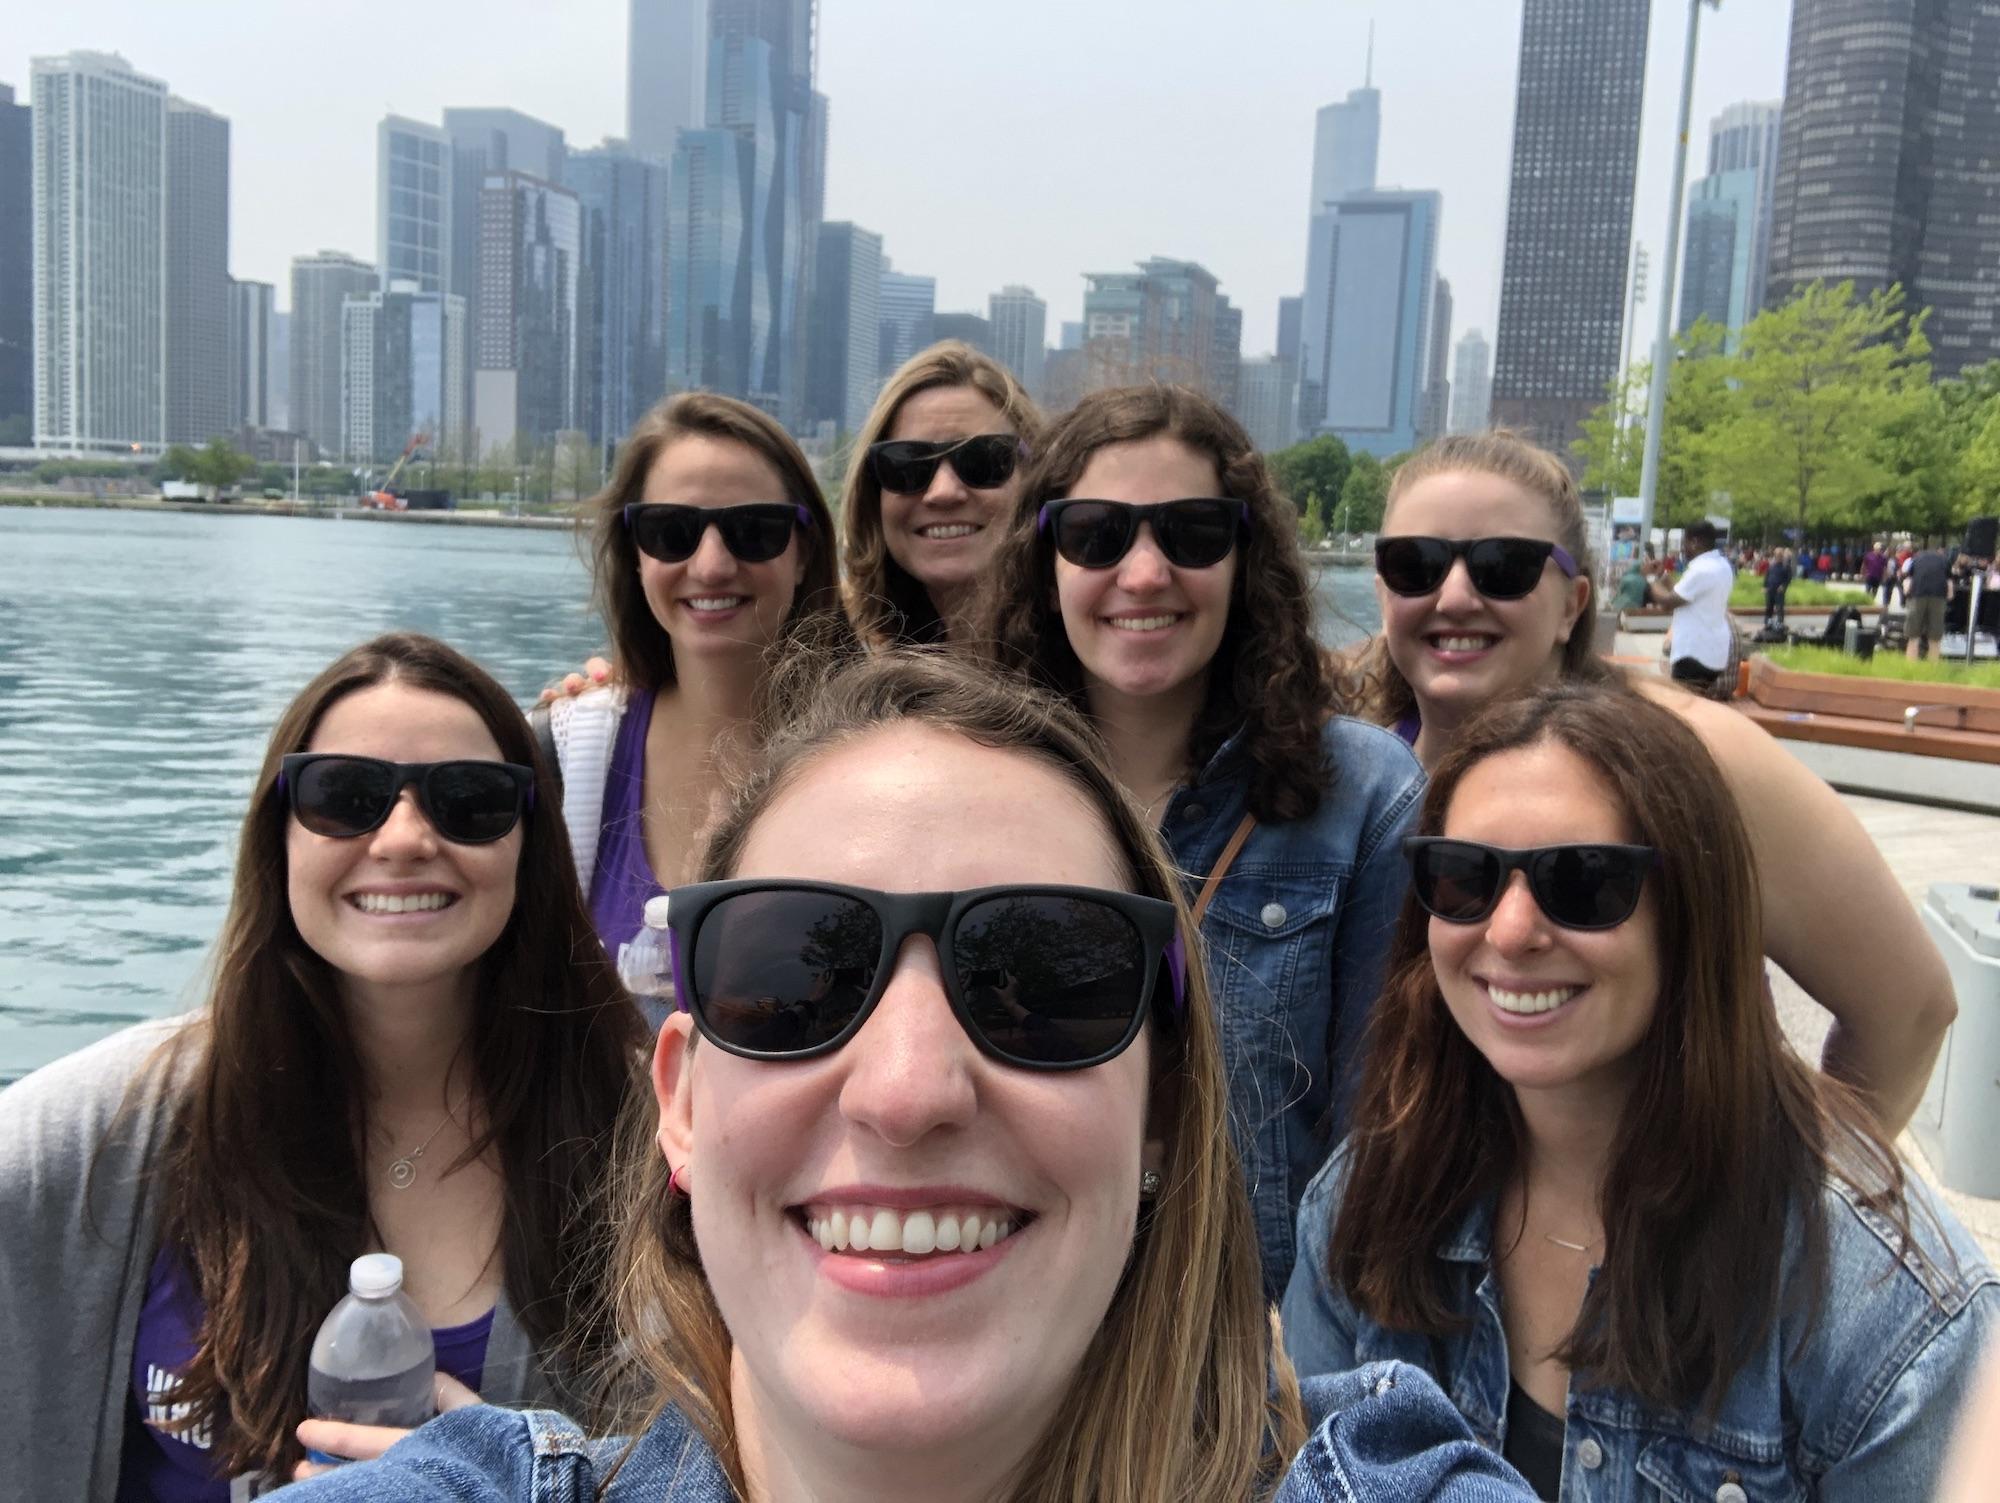 Selfies at Navy Pier